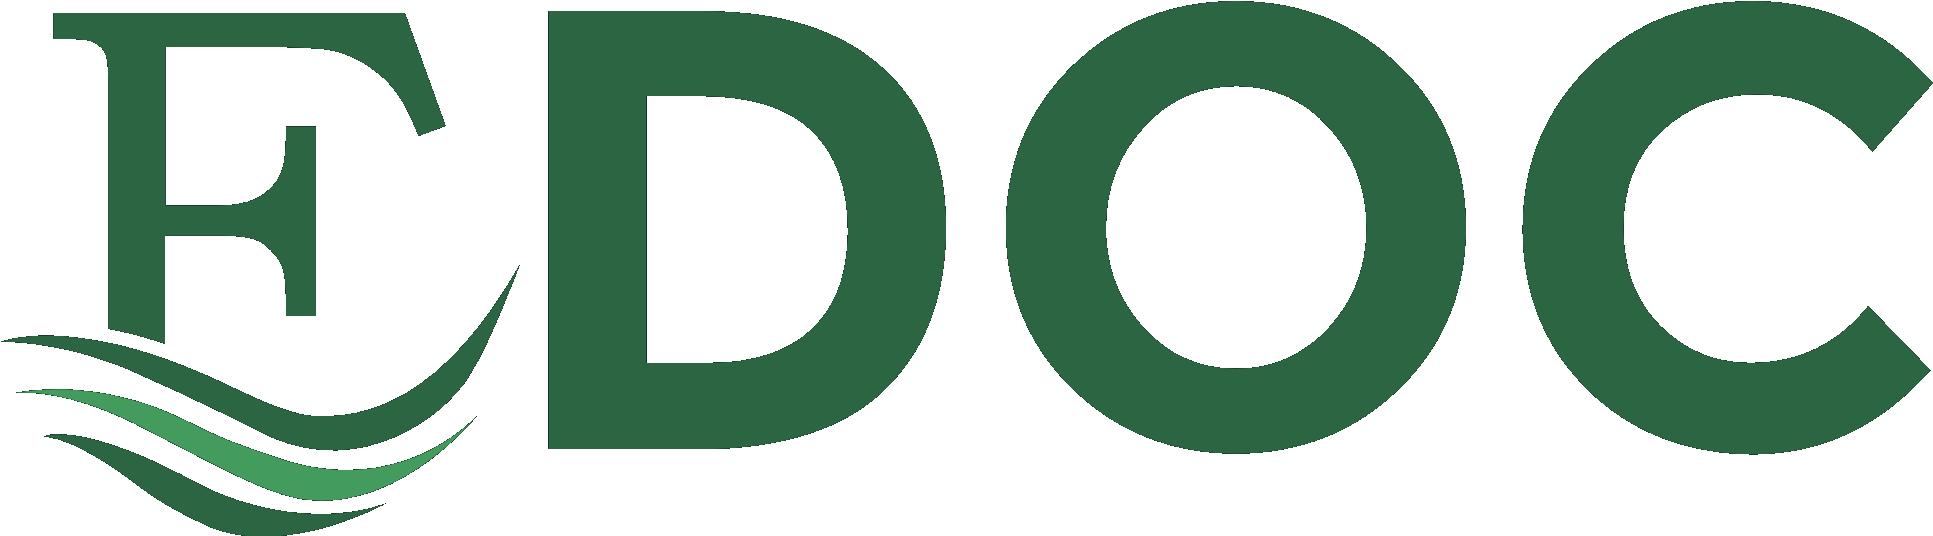 látássérülés felfüggesztése